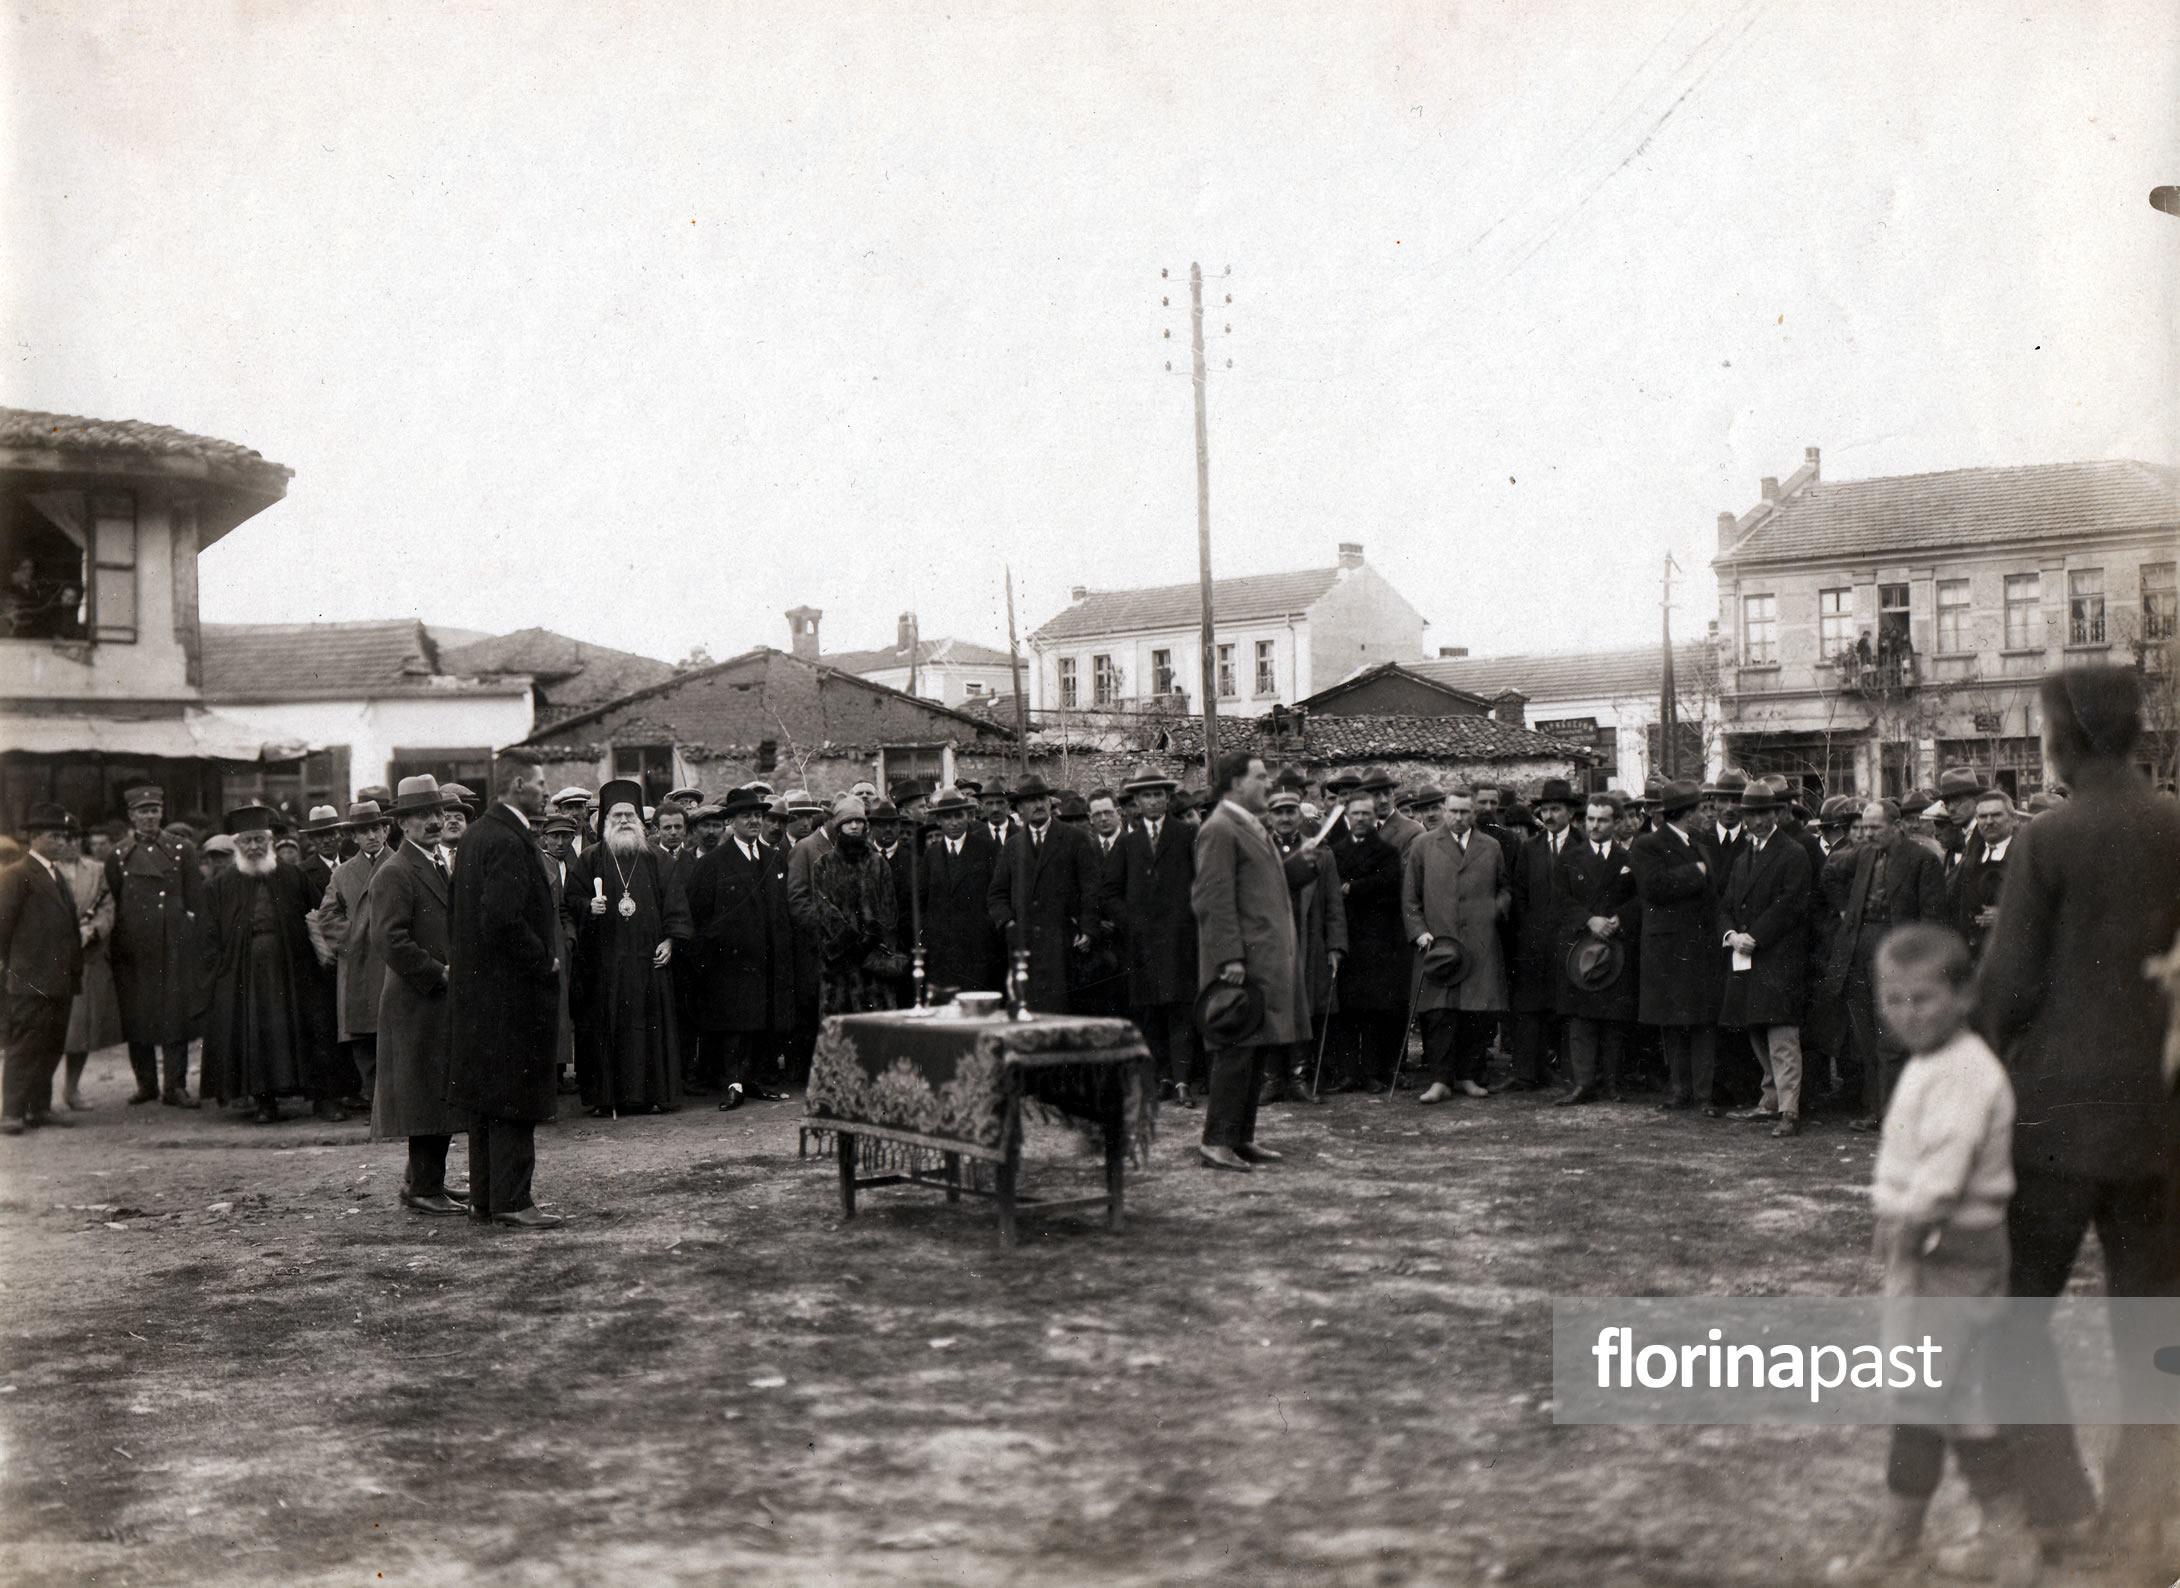 Η «Πρασίνη εορτή» στην Φλώρινα του 1927